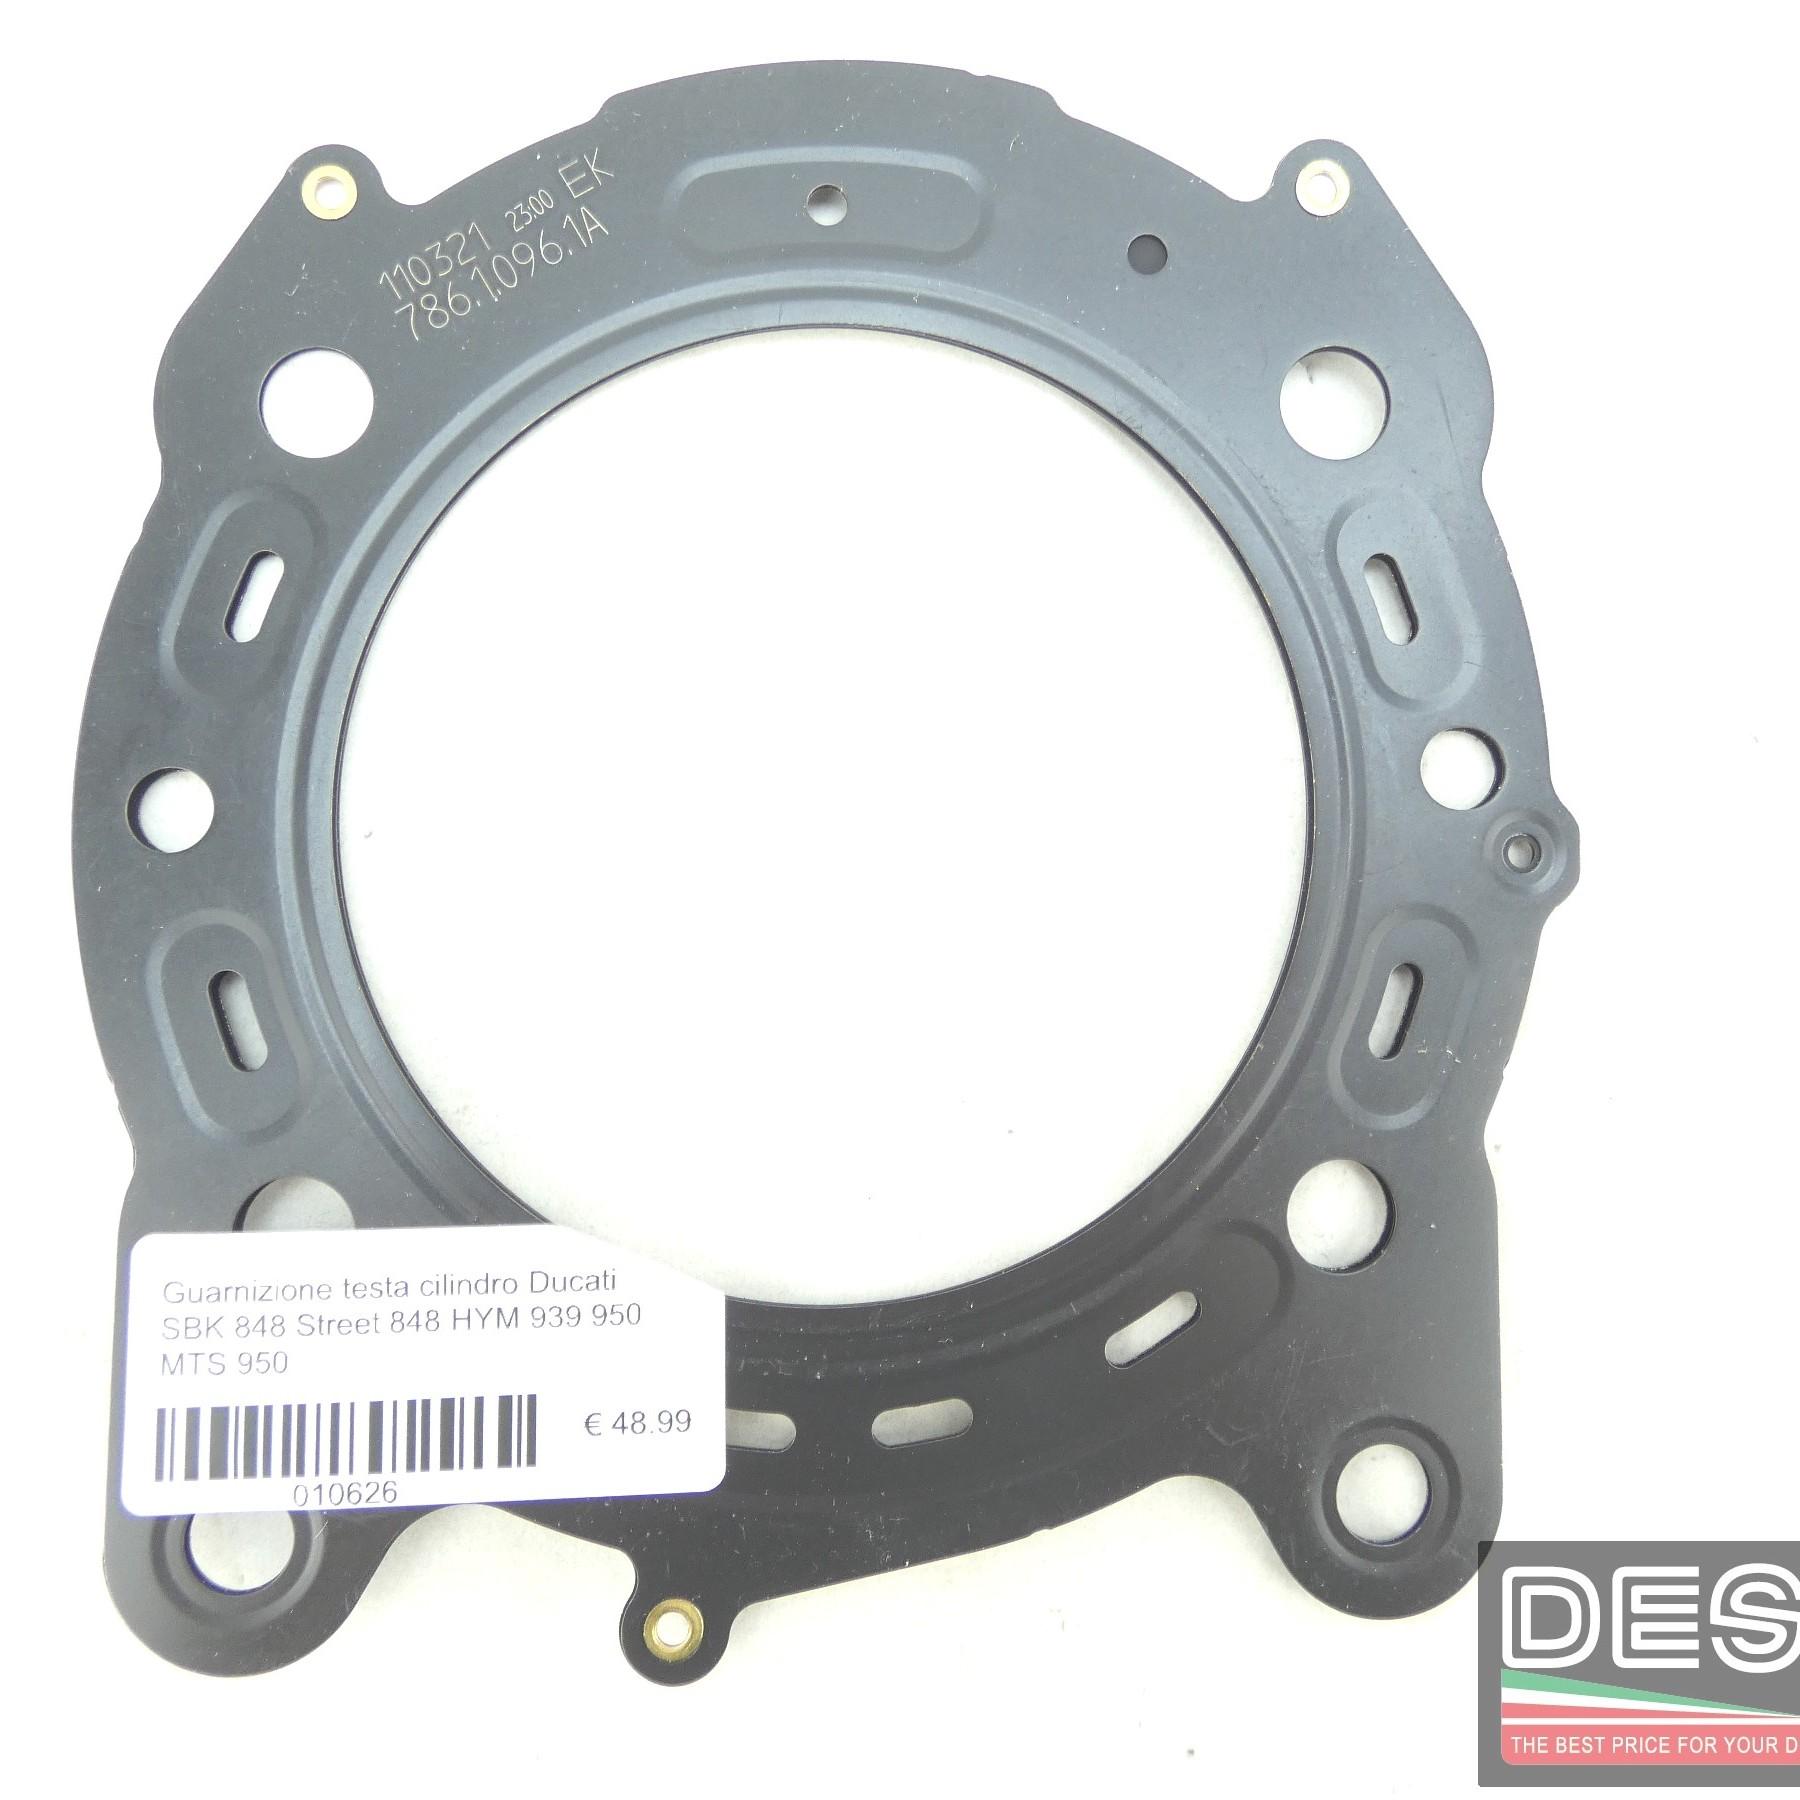 Guarnizione testa cilindro Ducati SBK 848 Street 848 HYM 939 950 MTS 950